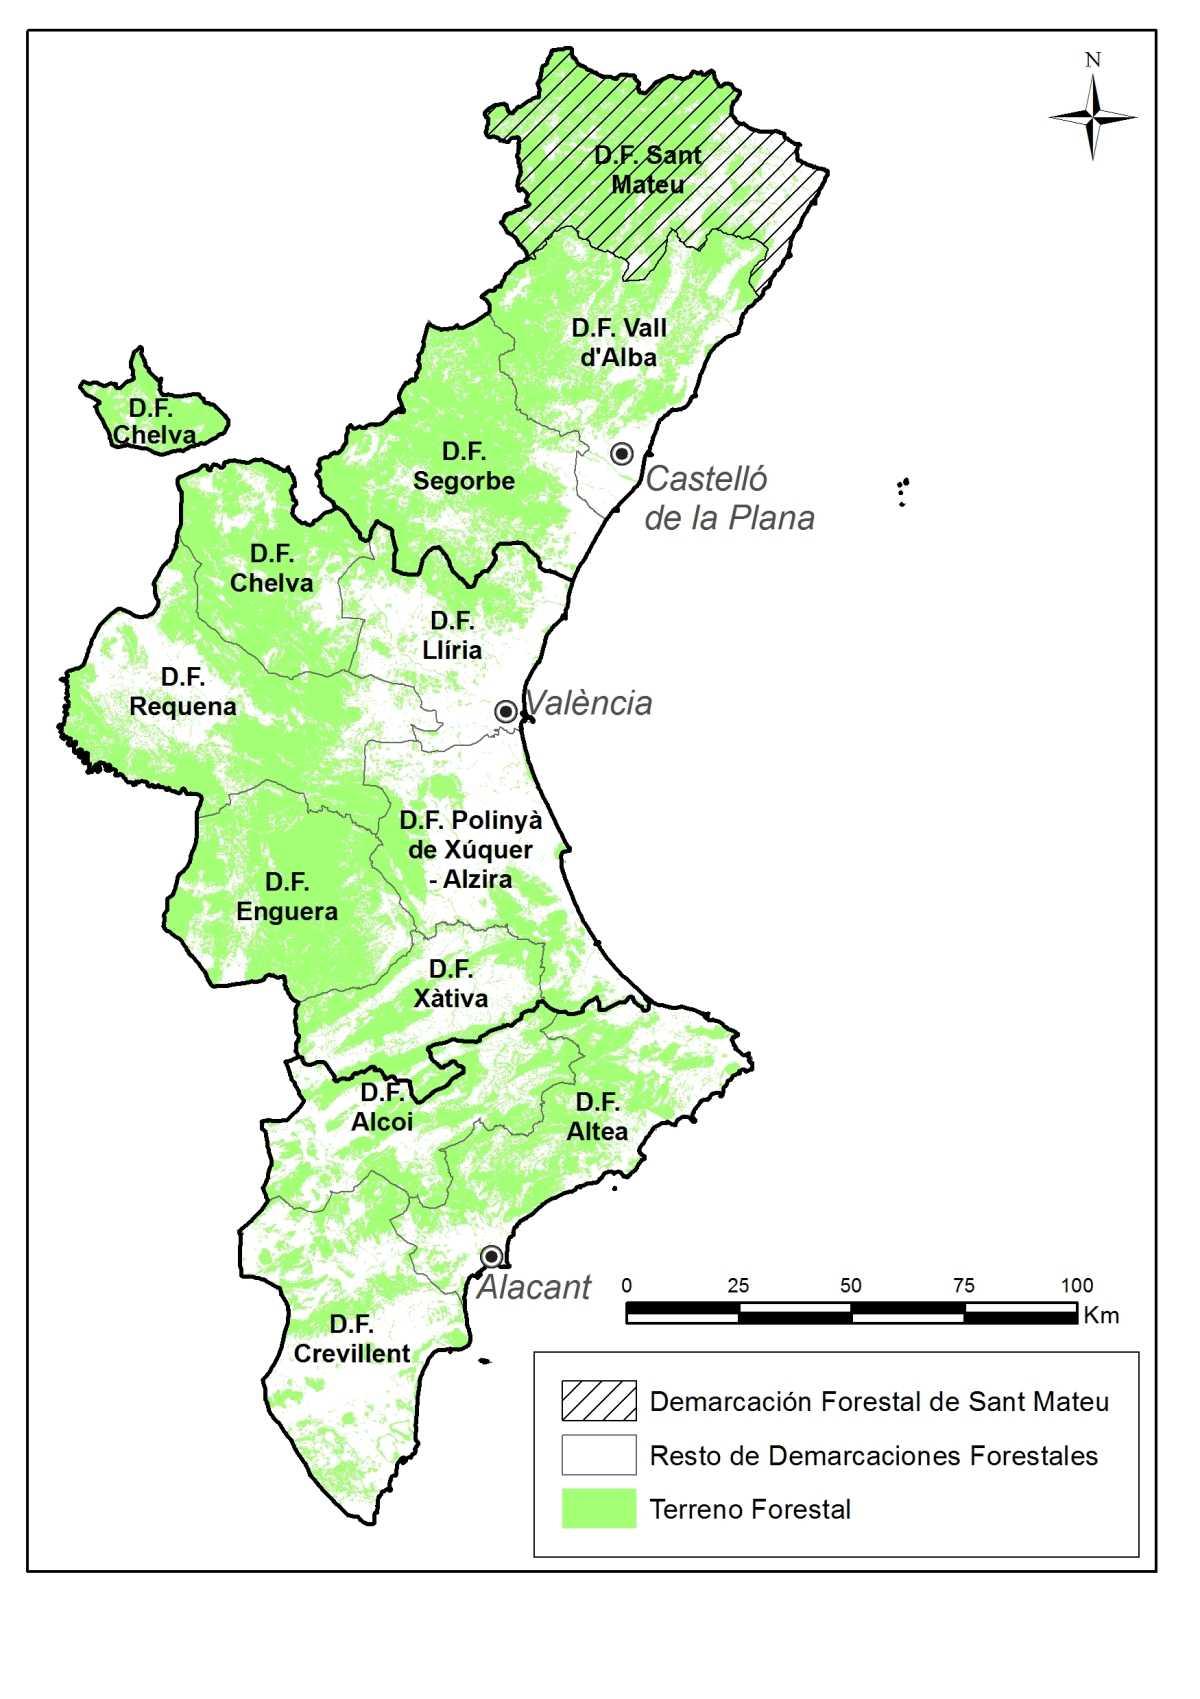 Los bosques del norte de castell n generan 53 millones de for Cabanas en los arboles comunidad valenciana